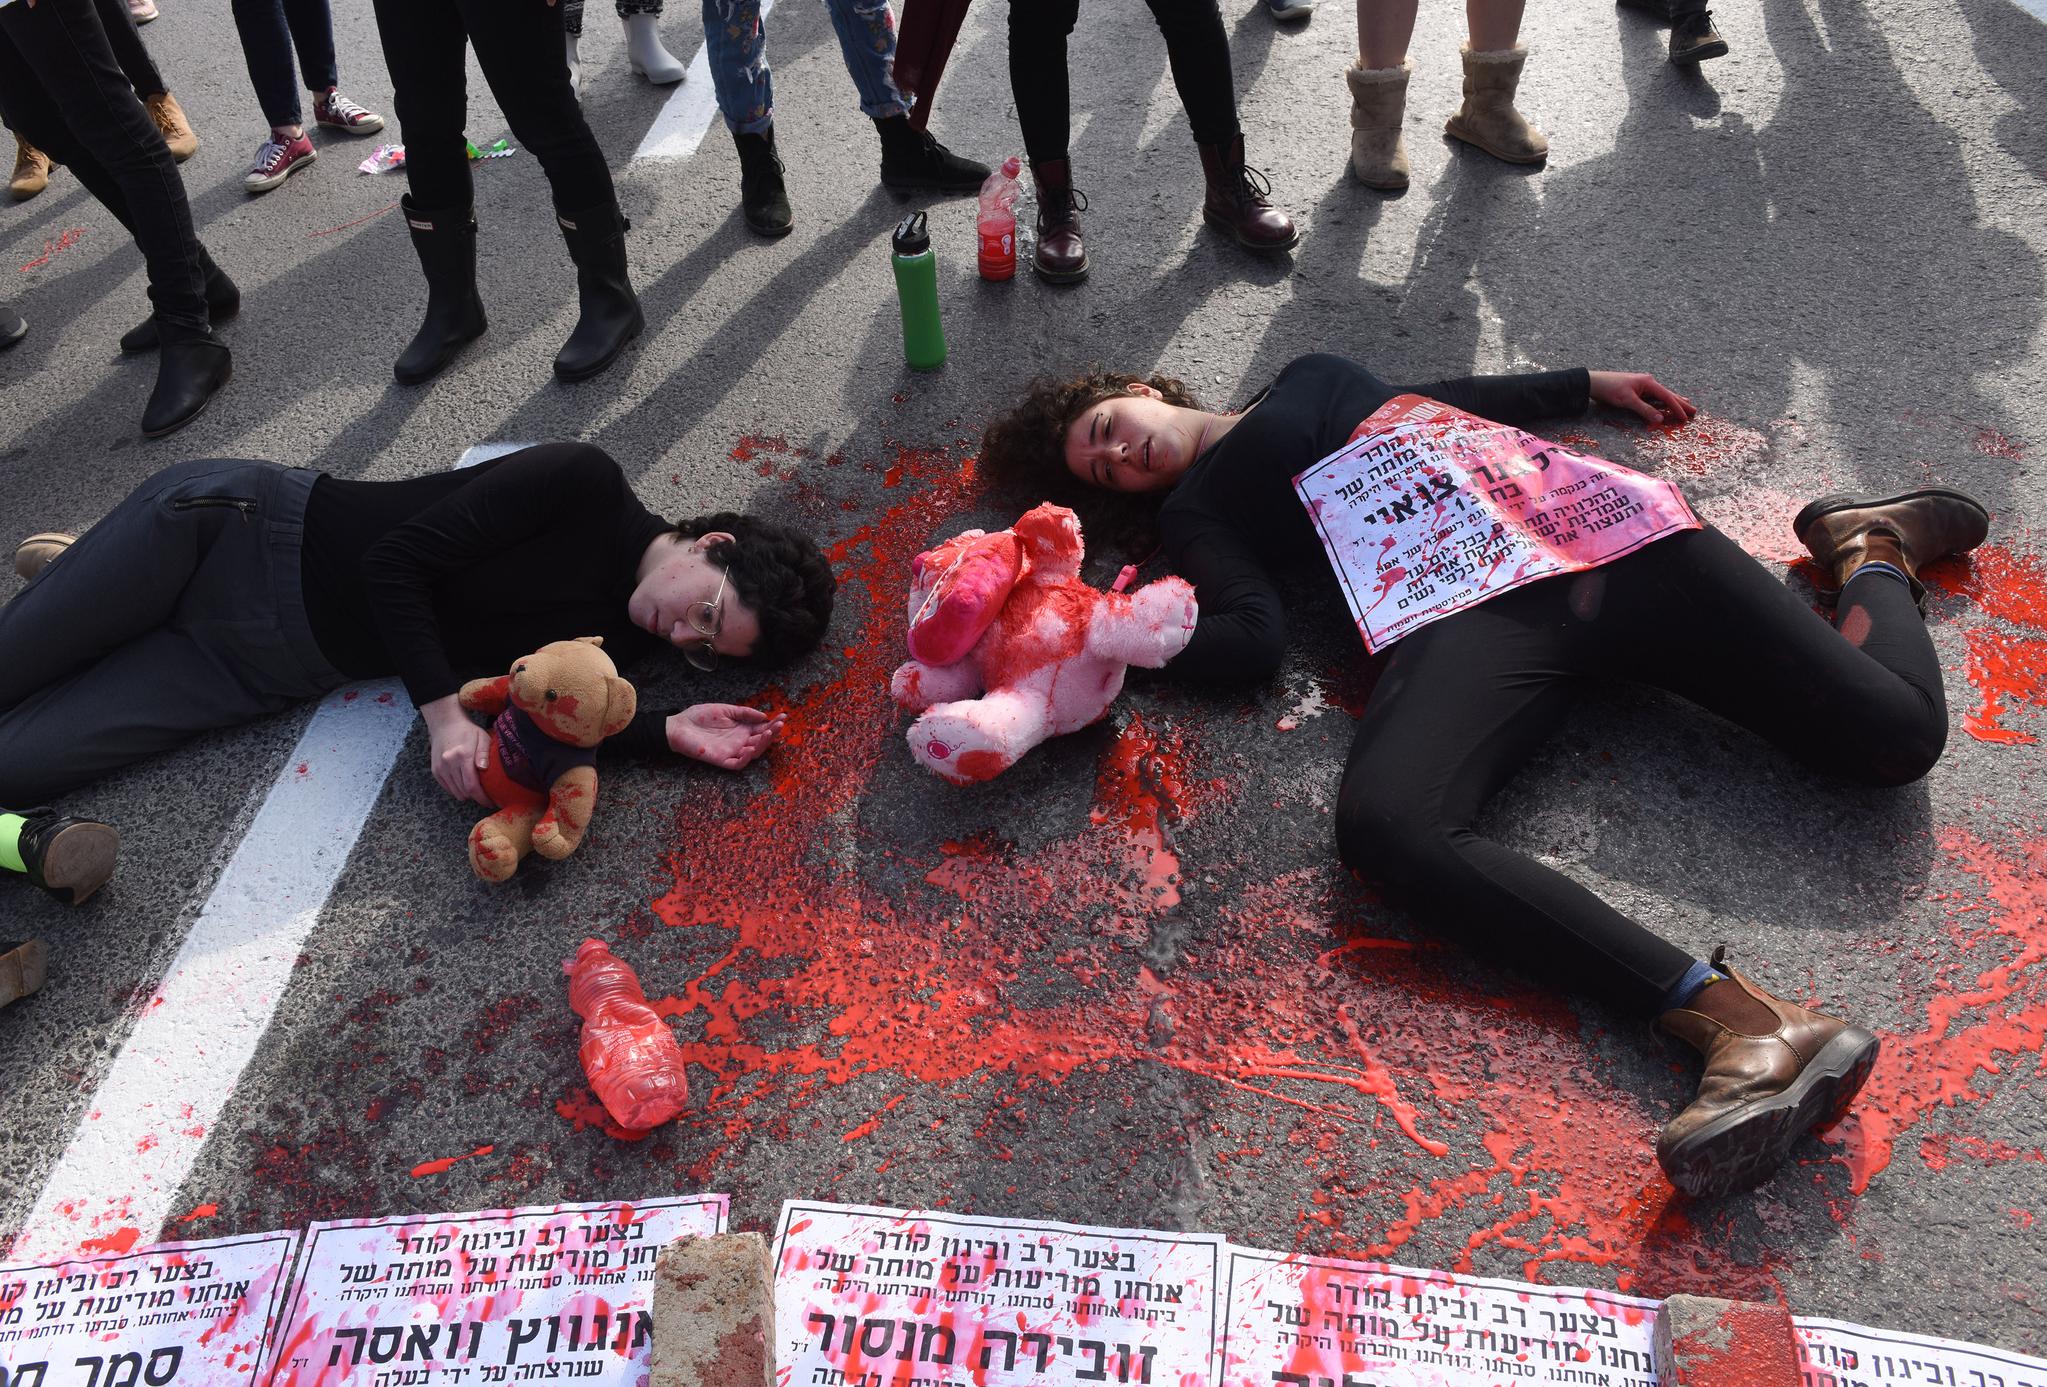 4일(현지시간) 이스라엘 여성들이 예루살렘으로 가는 정문을 막고 시위를 벌이고 있다. [UPI=연합뉴스]